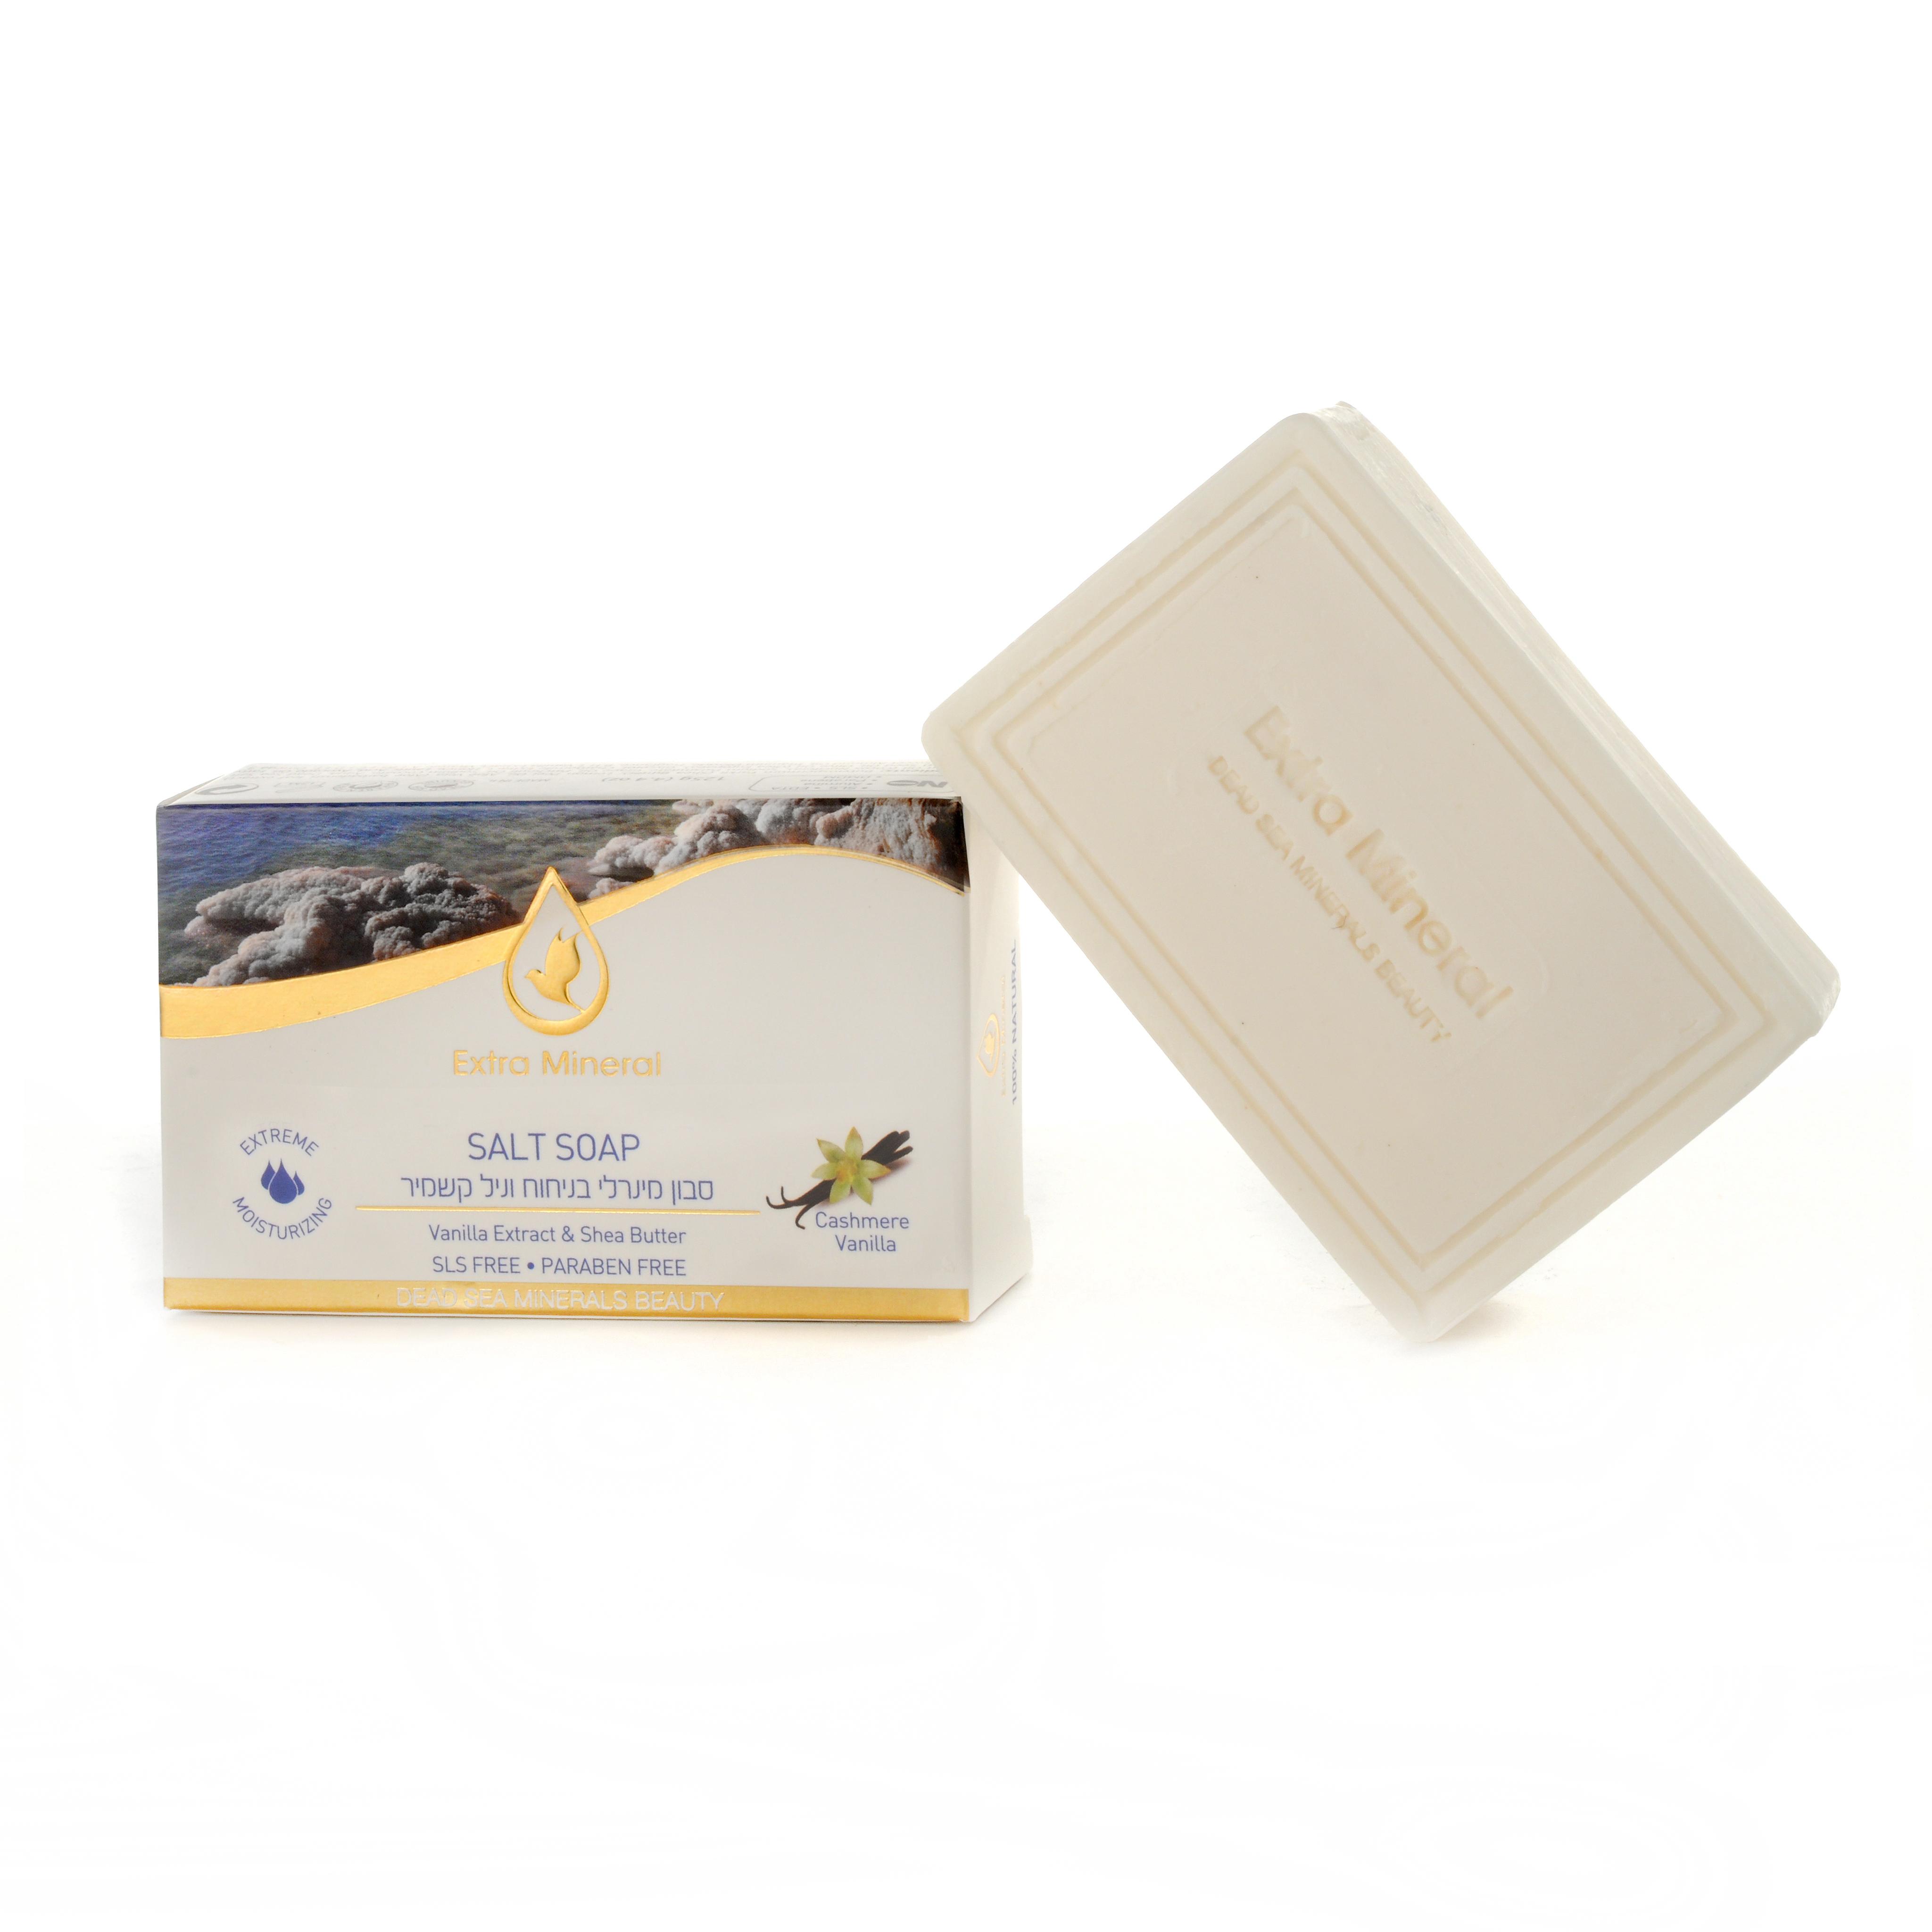 Extra Mineral Солевое мыло с ванилью и маслом ши 125 гEXM1802Экстра увлажняющее мыло из соли Мертвого моря с экстрактом Ванили и маслом Ши от Extra Mineral. Содержит соль Мертвого моря, 26 минералов Мертвого моря, экстракт Ванили, масло Ши. Обладает эффектом экстра-увлажнения кожи. Мыло защищает, заживляет и смягчает кожу, природный фильтр вредного УФ-излучения, стимулирует синтез коллагена в коже, сокращает морщинки, разглаживает, укрепляет овал лица, выравнивает тон кожи, улучшает цвет лица, имеет осветляющий эффект,убирает пигментацию и отбеливает, повышает тонус и упругость кожи, замедляет процессы старения и омолаживает, полезно для беременных женщин: если во время беременности регулярно наносить мыло на животик, бёдра и грудь, то можно избежать растяжек. Великолепно устраняет раздражение, покраснение и шелушение кожи. Антисептик, снимает воспаления, помогает при кожных заболеваниях (дерматиты, экзема). Имеет потрясающий целебный и ранозаживляющий эффект. Синяки, царапины, ушибы, раны быстро заживают. Способно уменьшить и разгладить шрамы,...